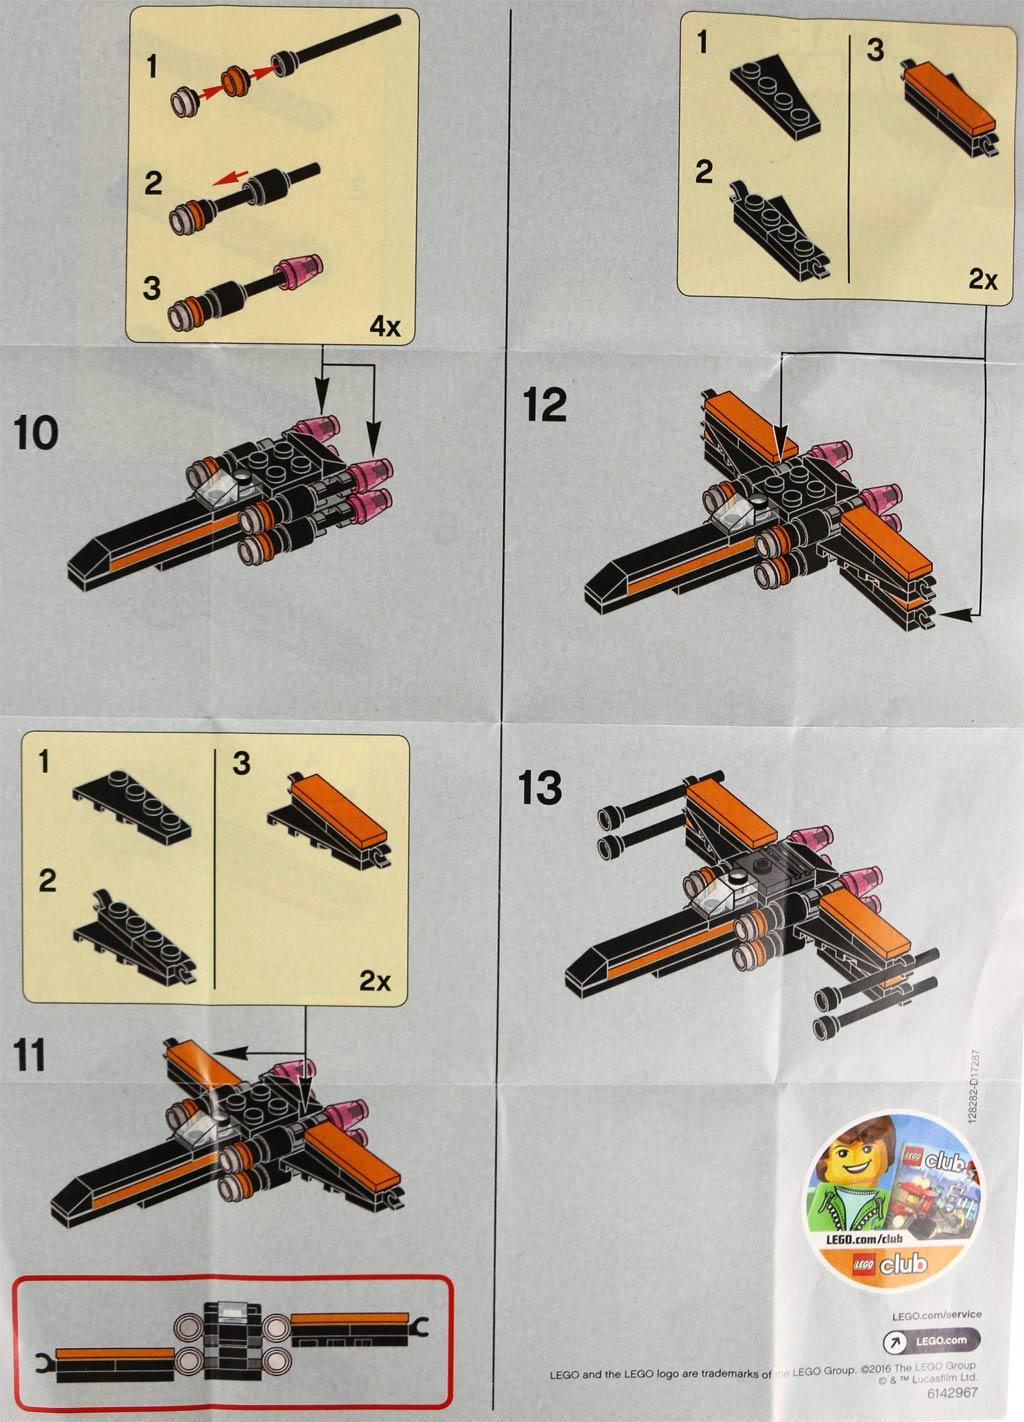 Bauanleitung, zweite Seite: Lego Star Wars Poe's X-Wing Fighter (30278) | © zusammengebaut.com